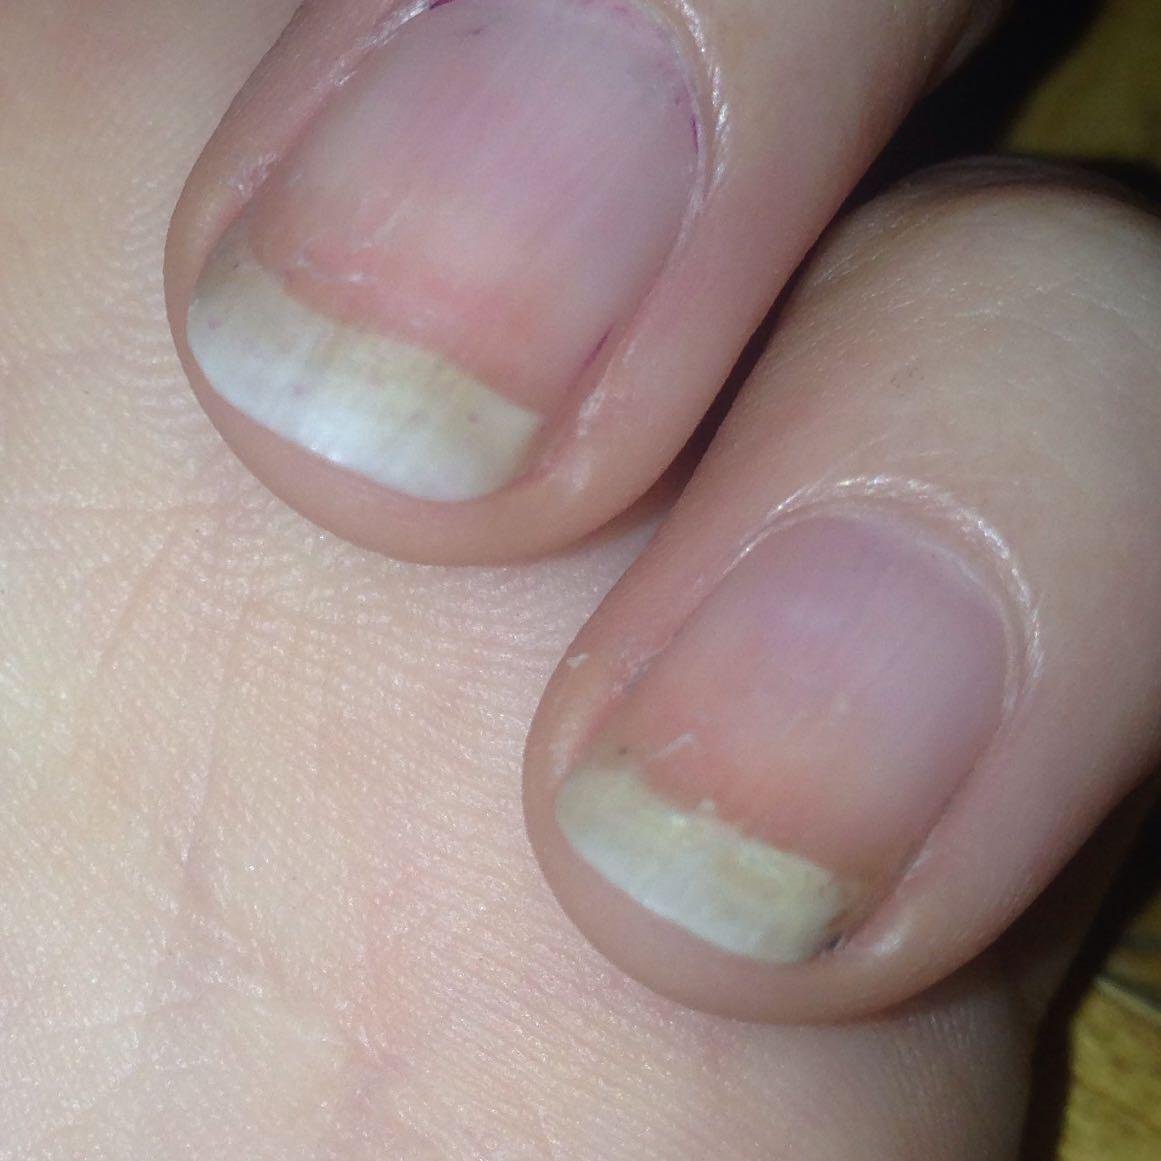 Nagel gelb und rissig (Nägel, häßlich, Verfärbung)